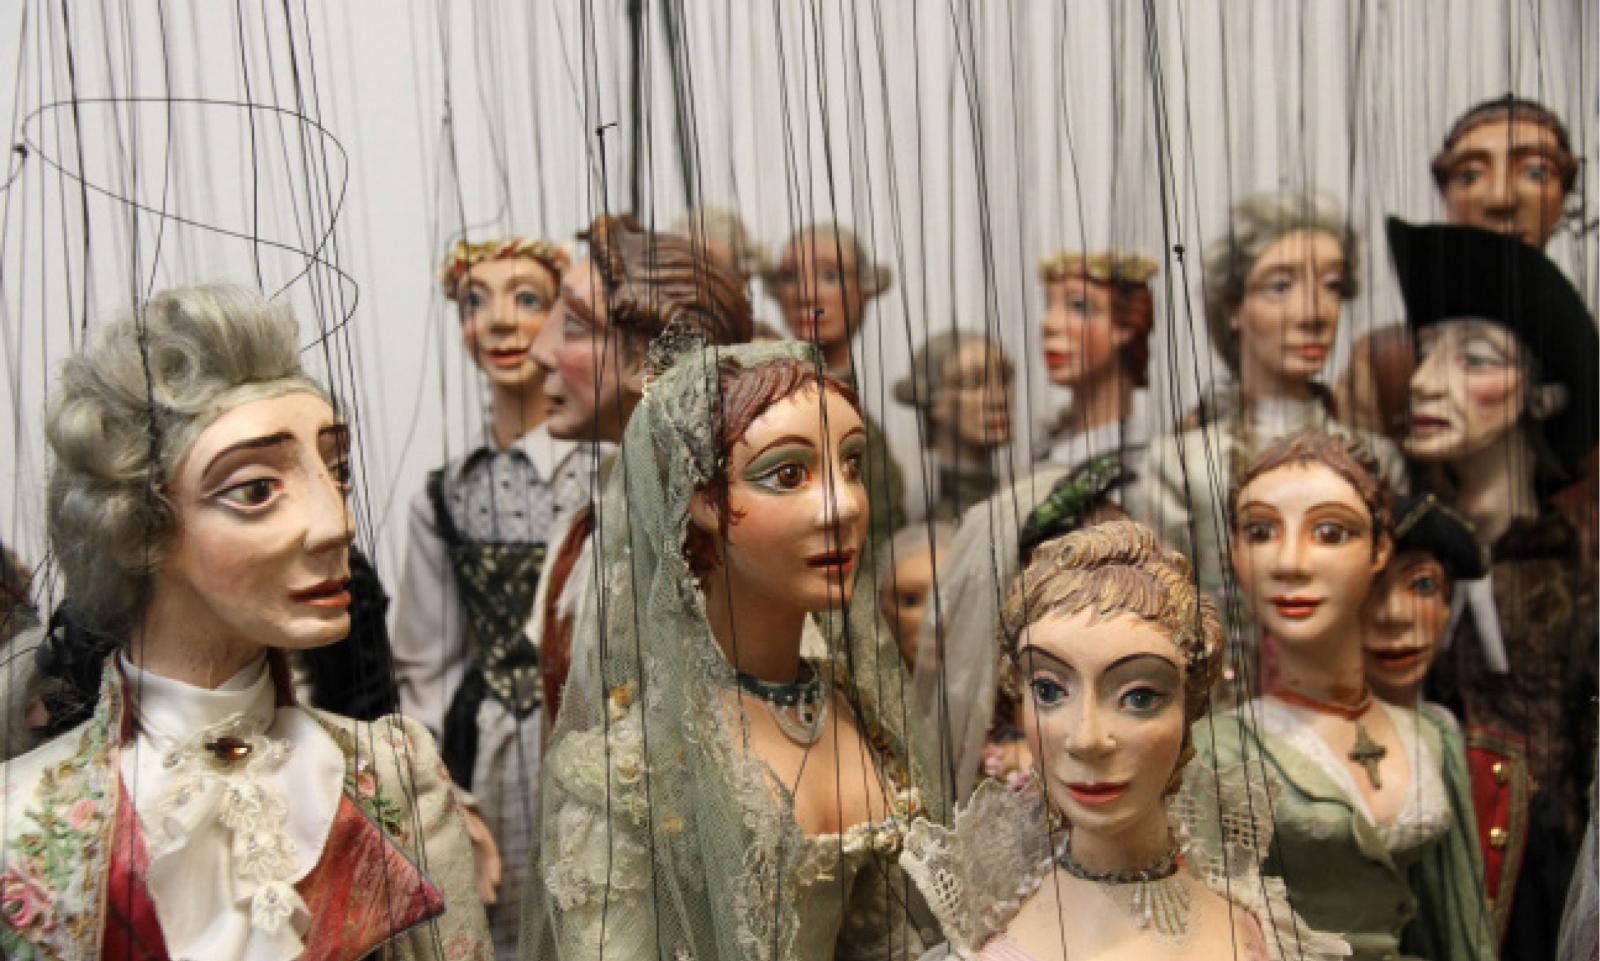 Des marionnettes, pour un théâtre d'objets et de déplacements